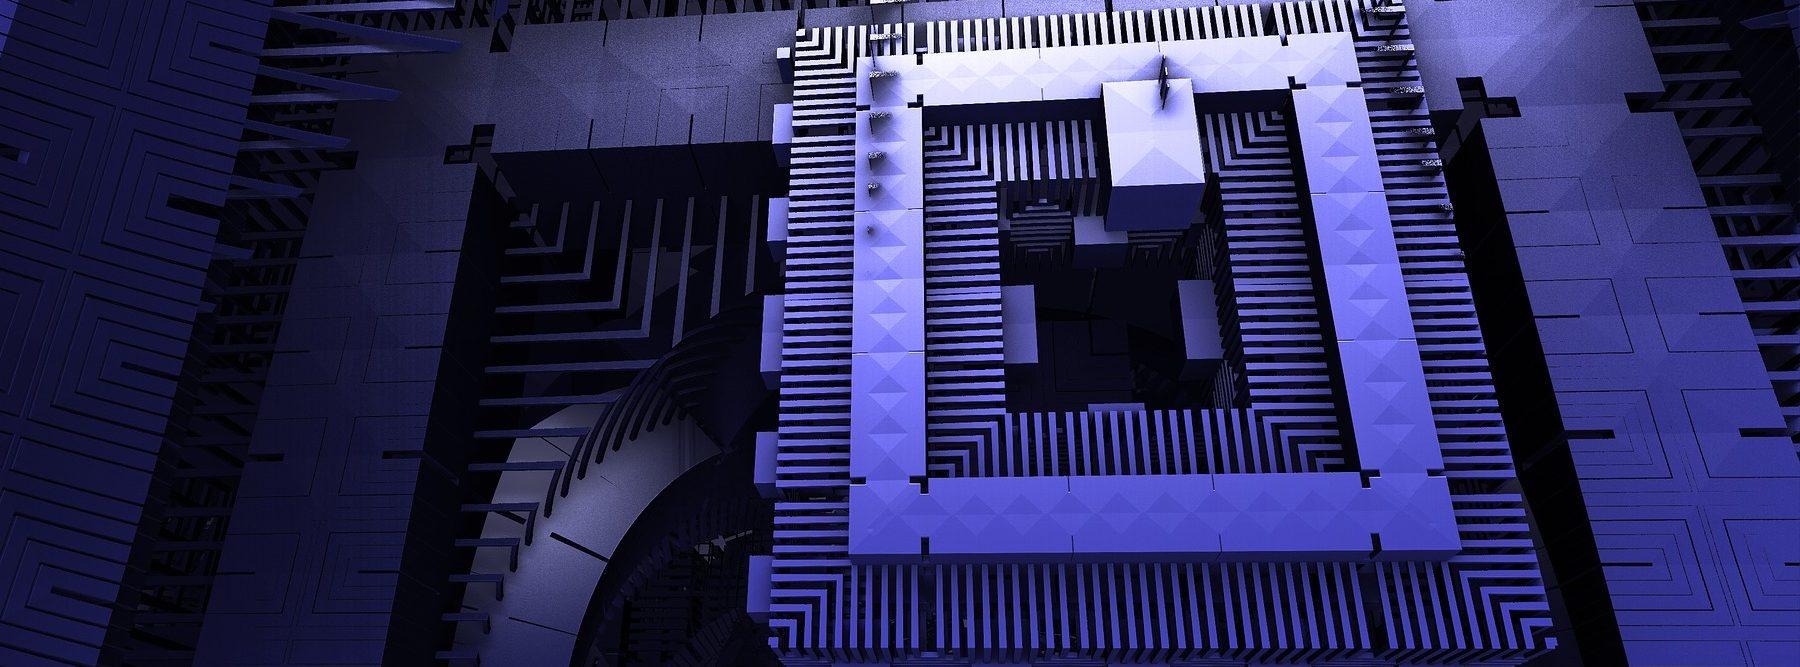 ¿Sustituirán los ordenadores cuánticos a los ordenadores clásicos?